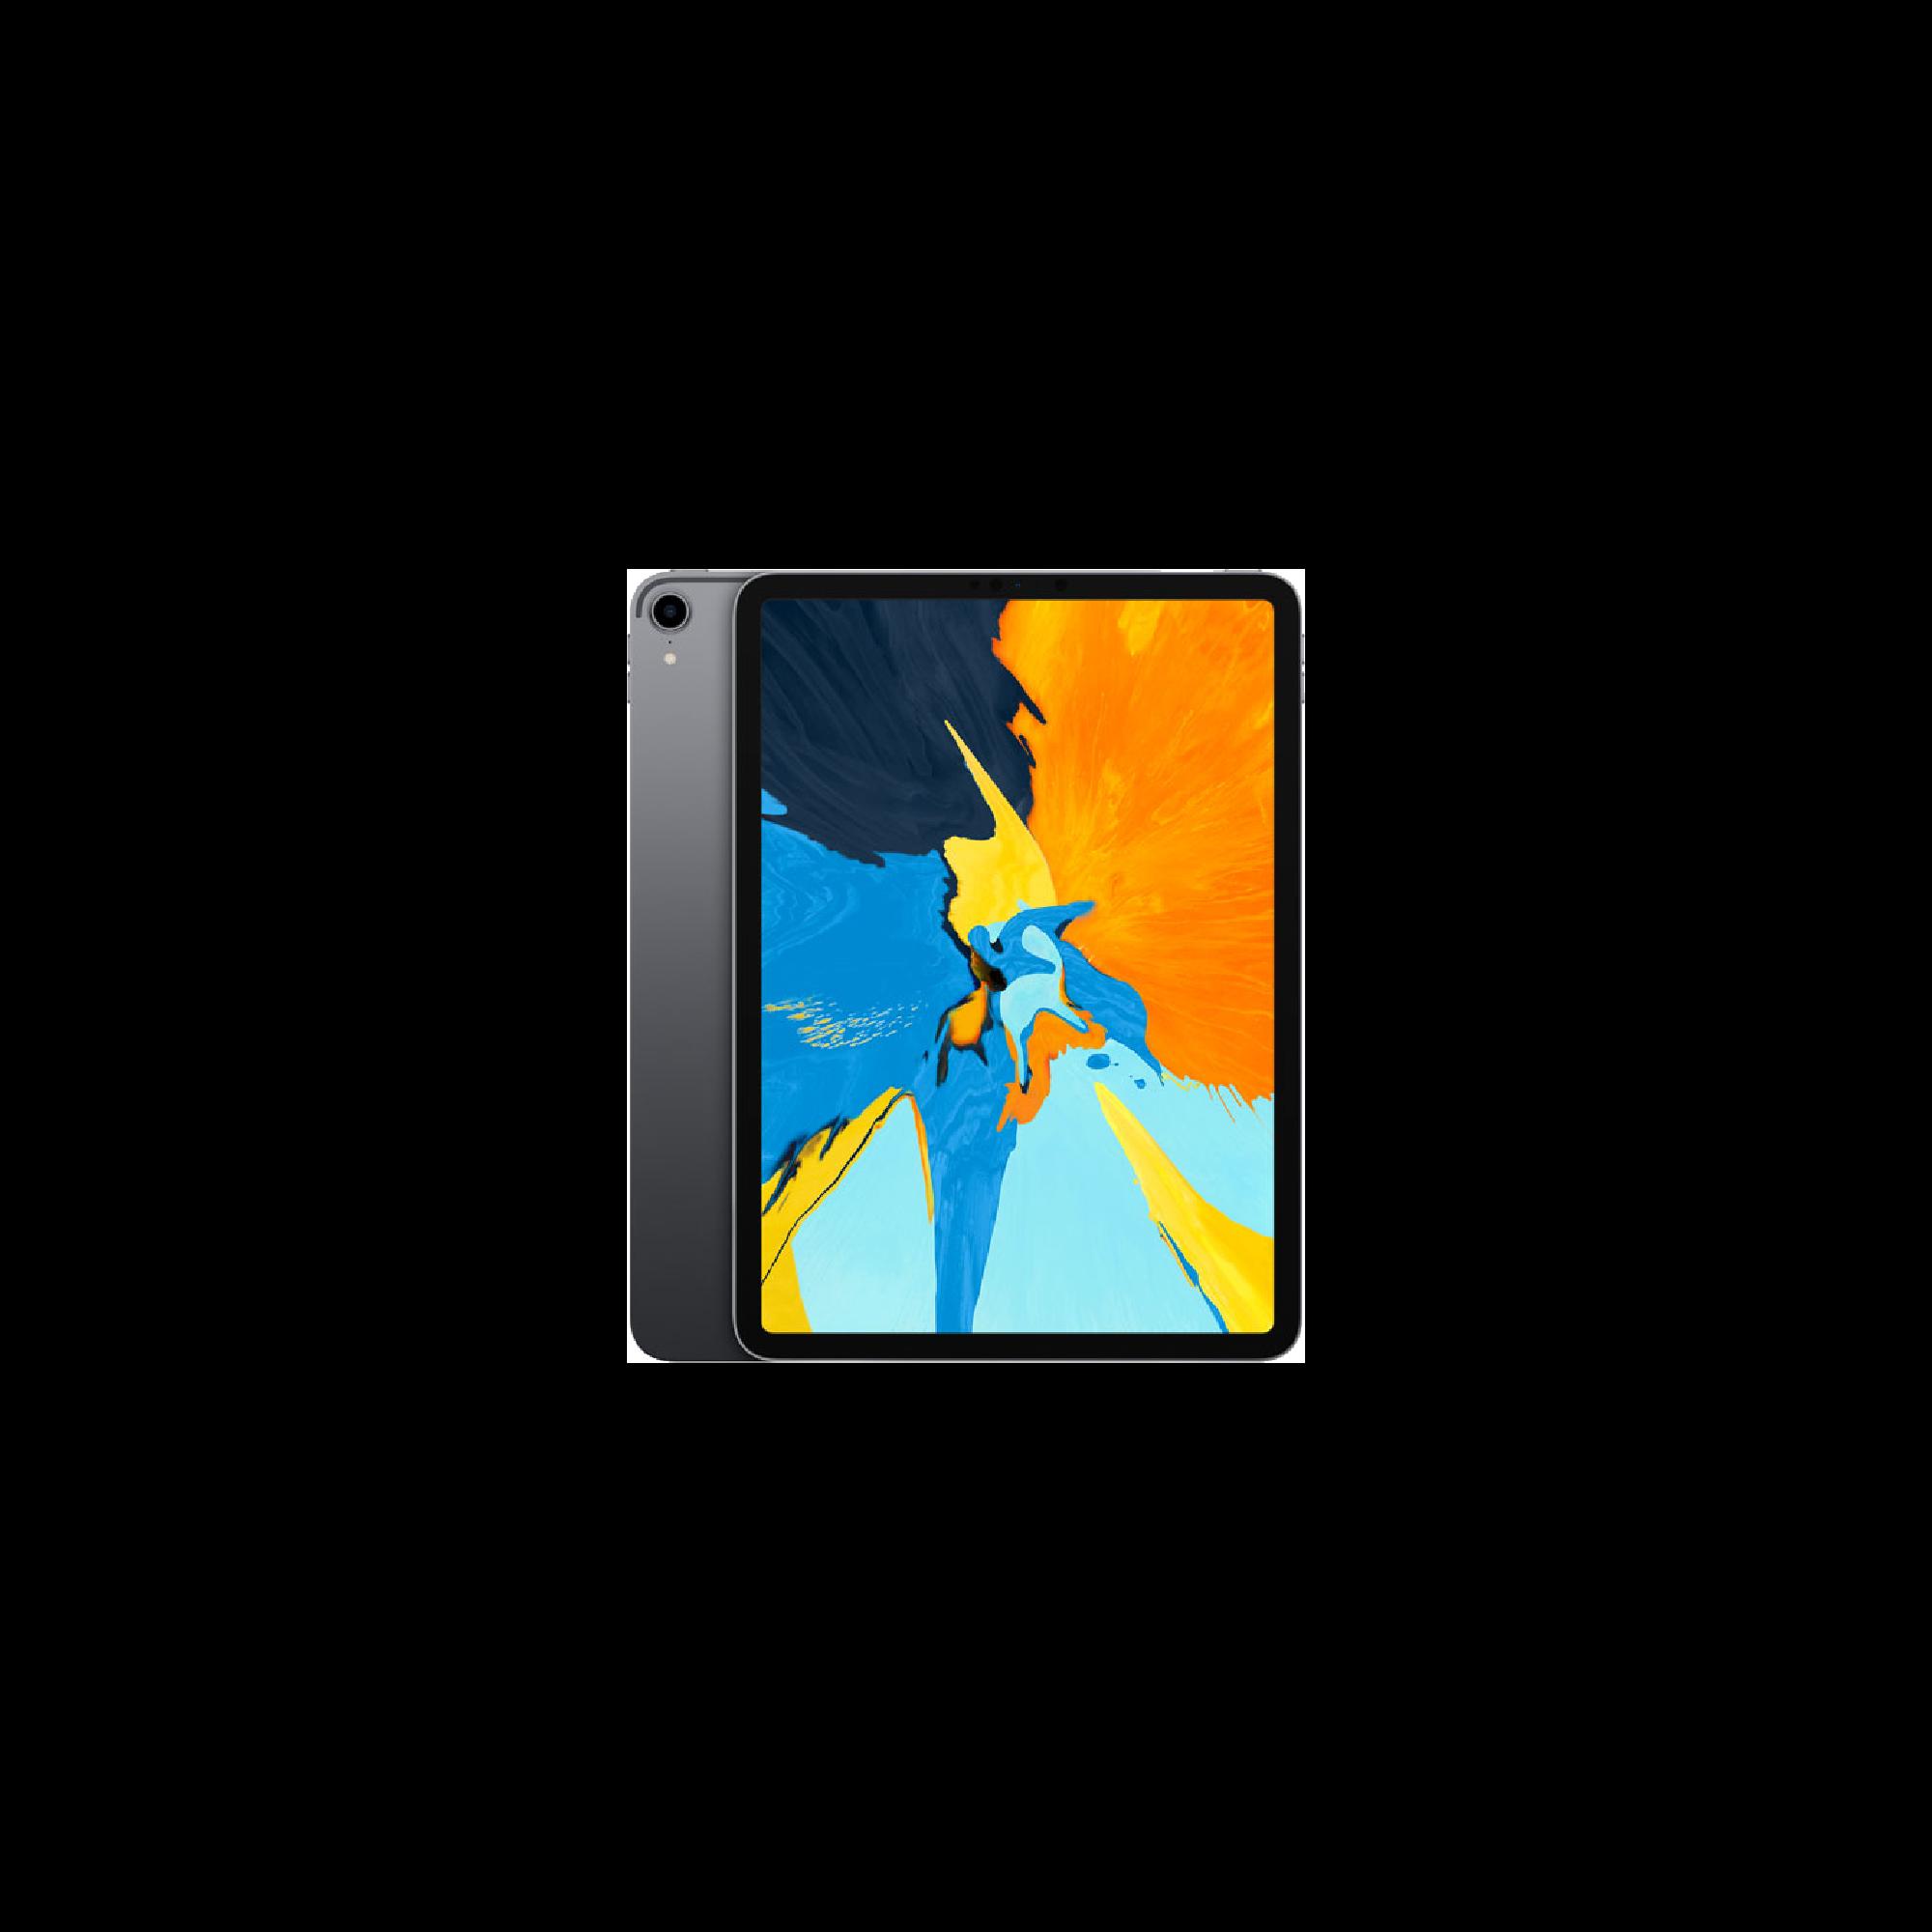 iPad Pro 11  | $375 + tax